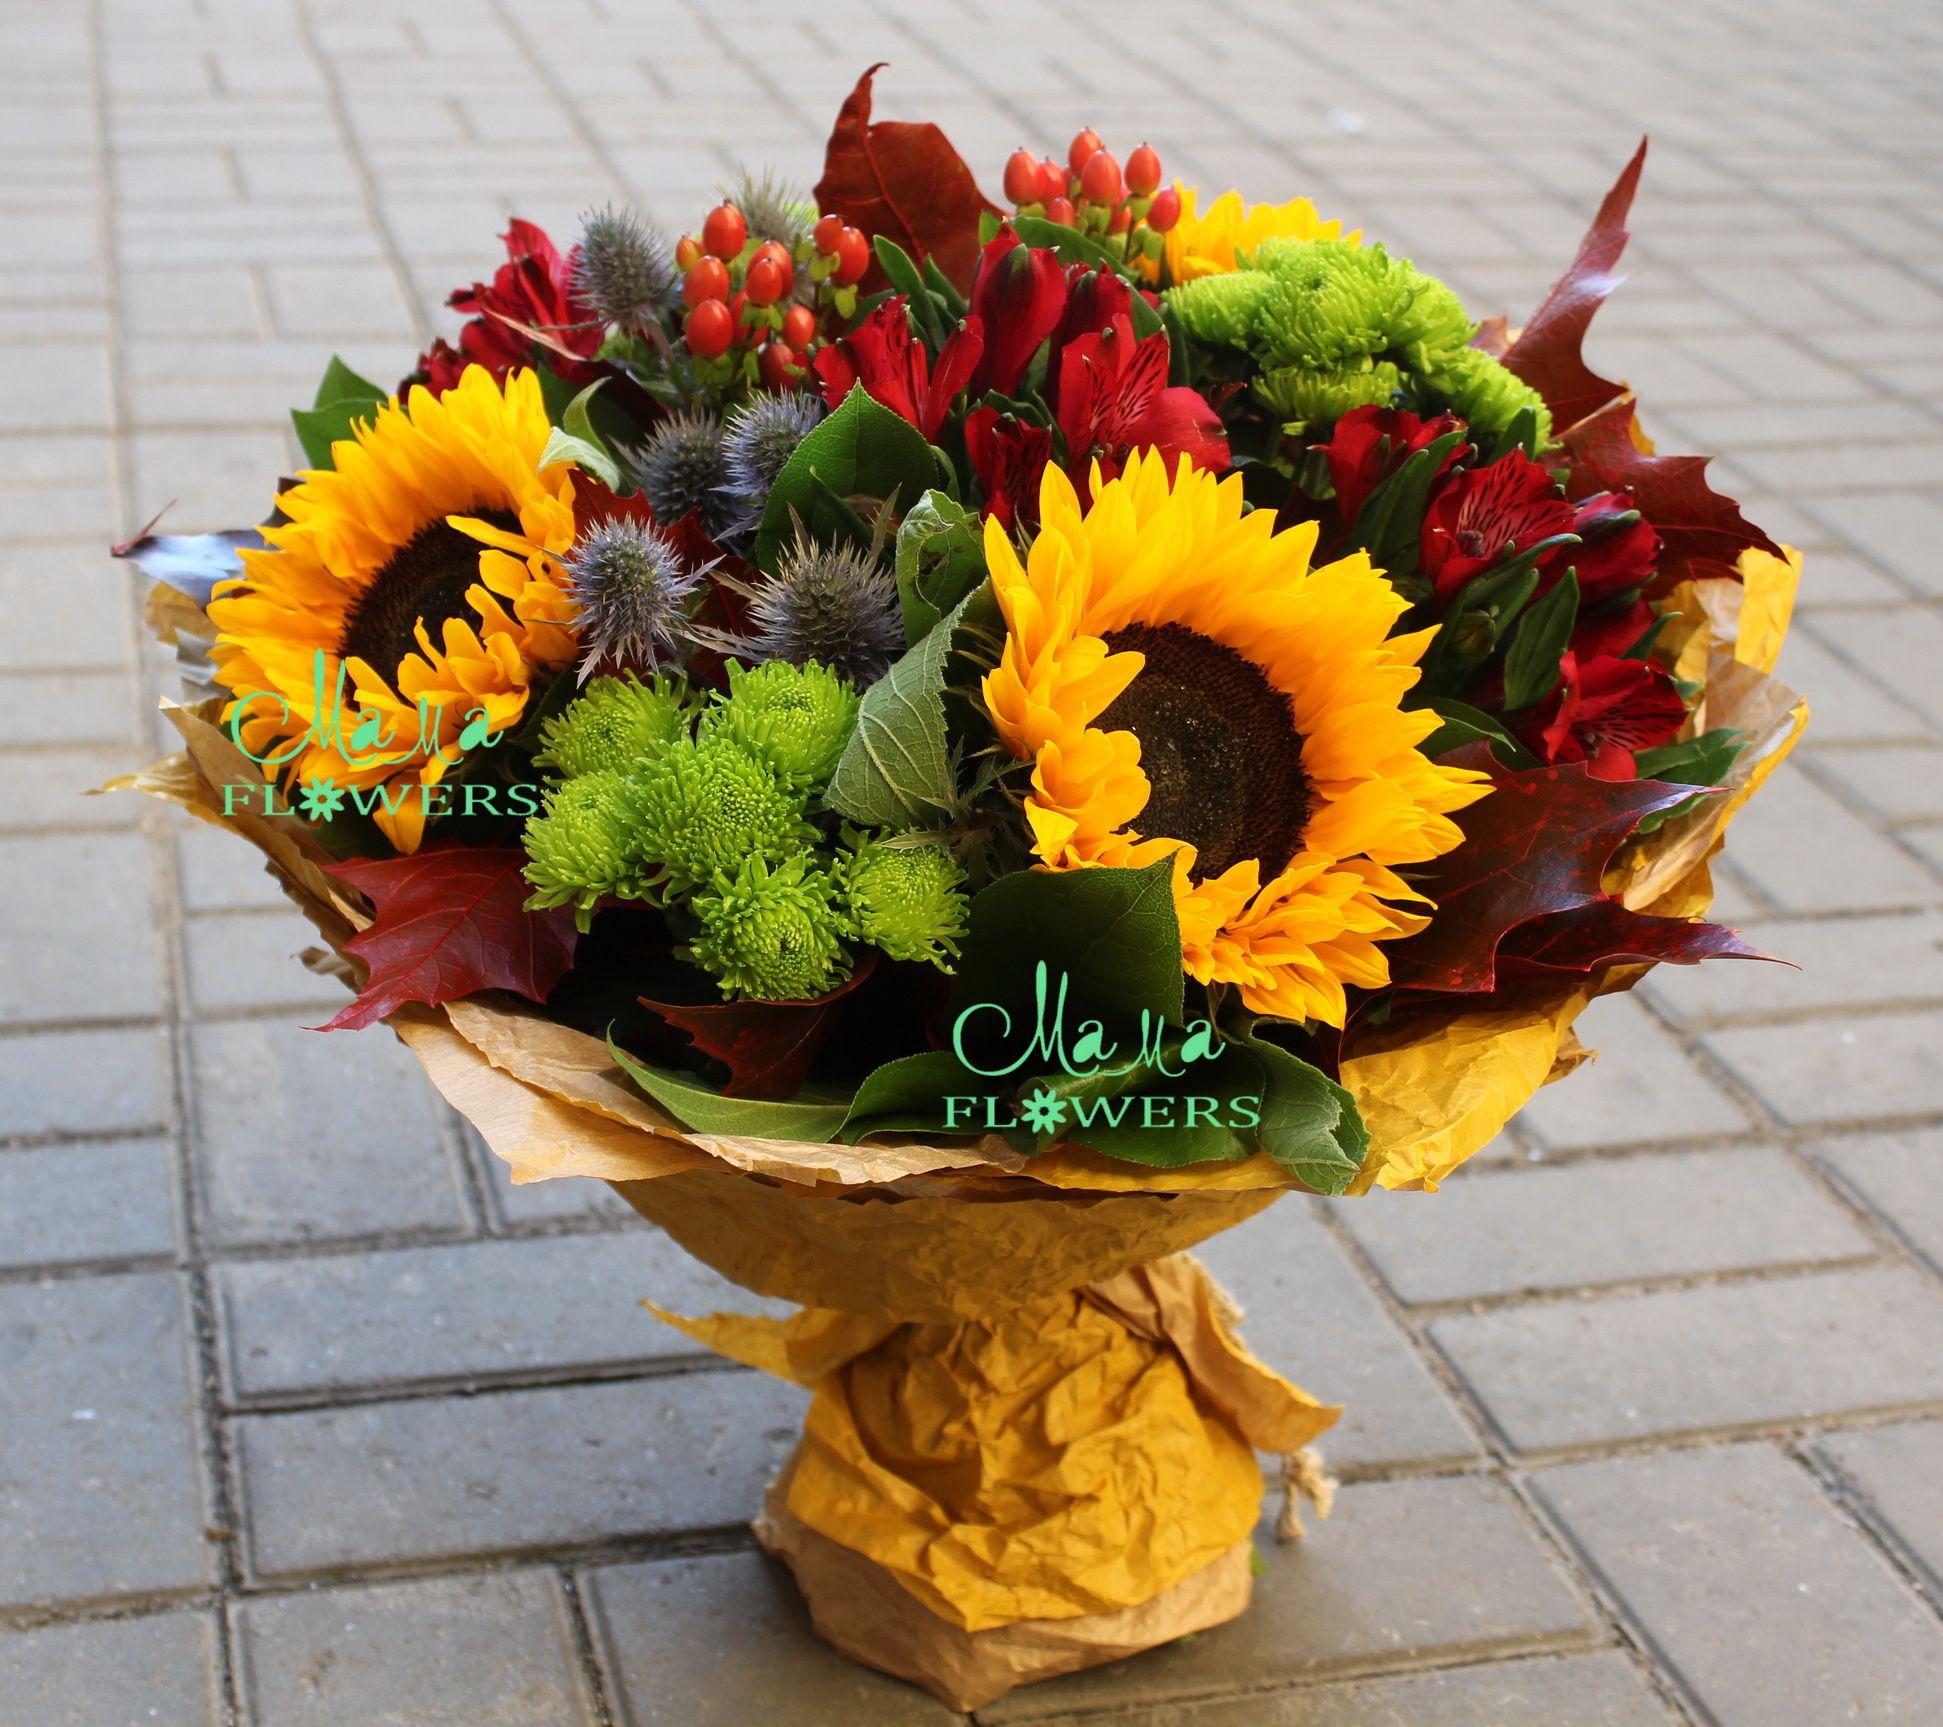 Санкт-петербург цветы с доставкой на дом живые пейзажи цветы и сады скачать торрент